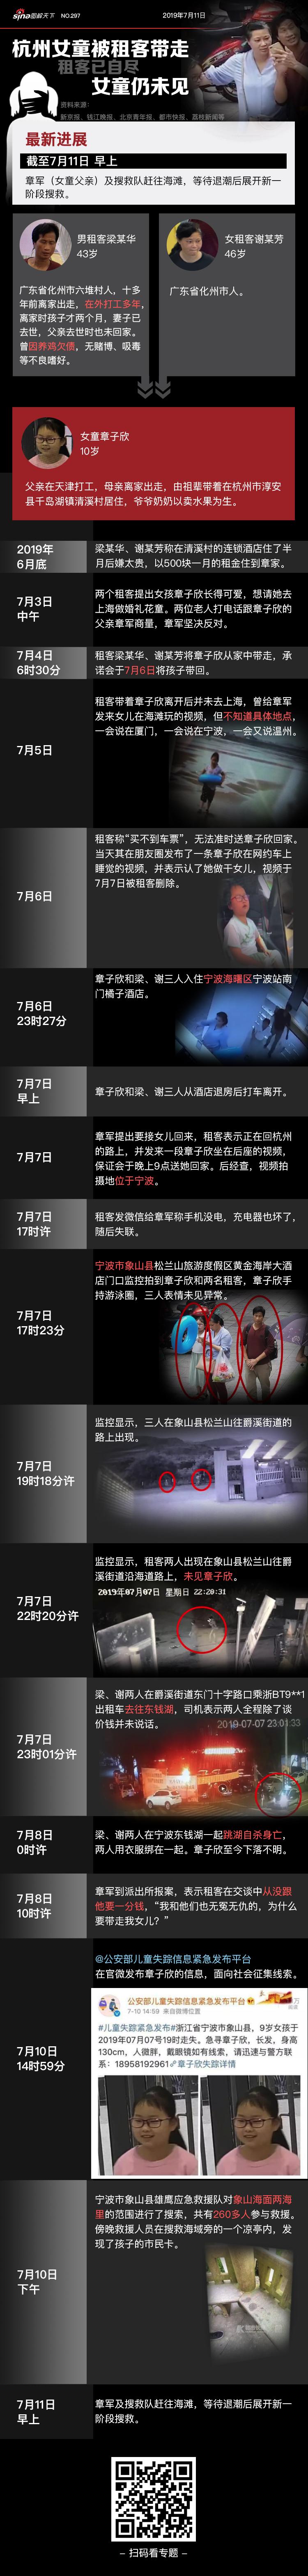 一图回顾杭州女童被带走后的7天丨新浪极速大发分分彩图解天下